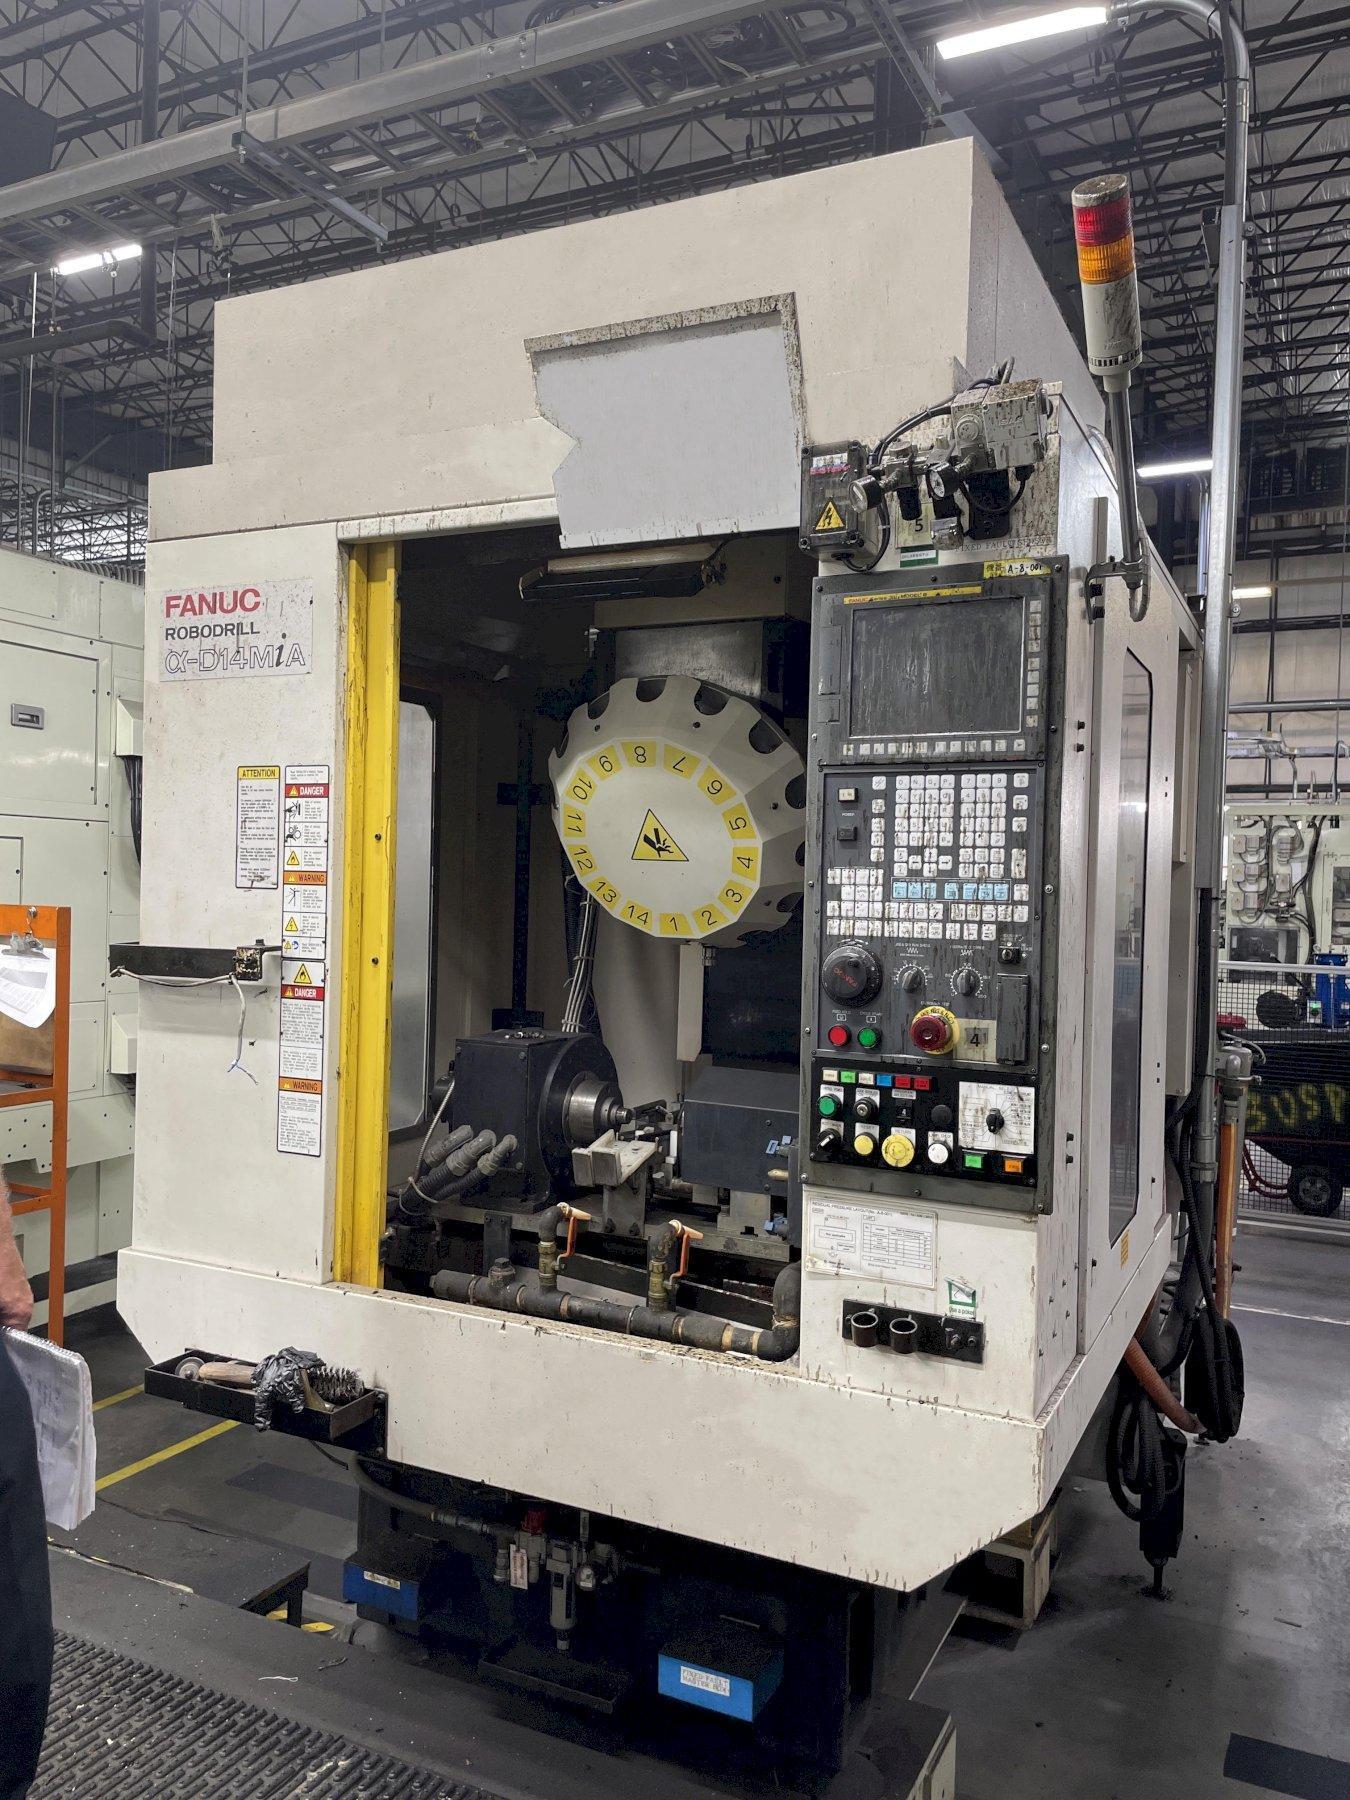 Fanuc Robodrill a-D14MiA CNC Vertical Machining Center